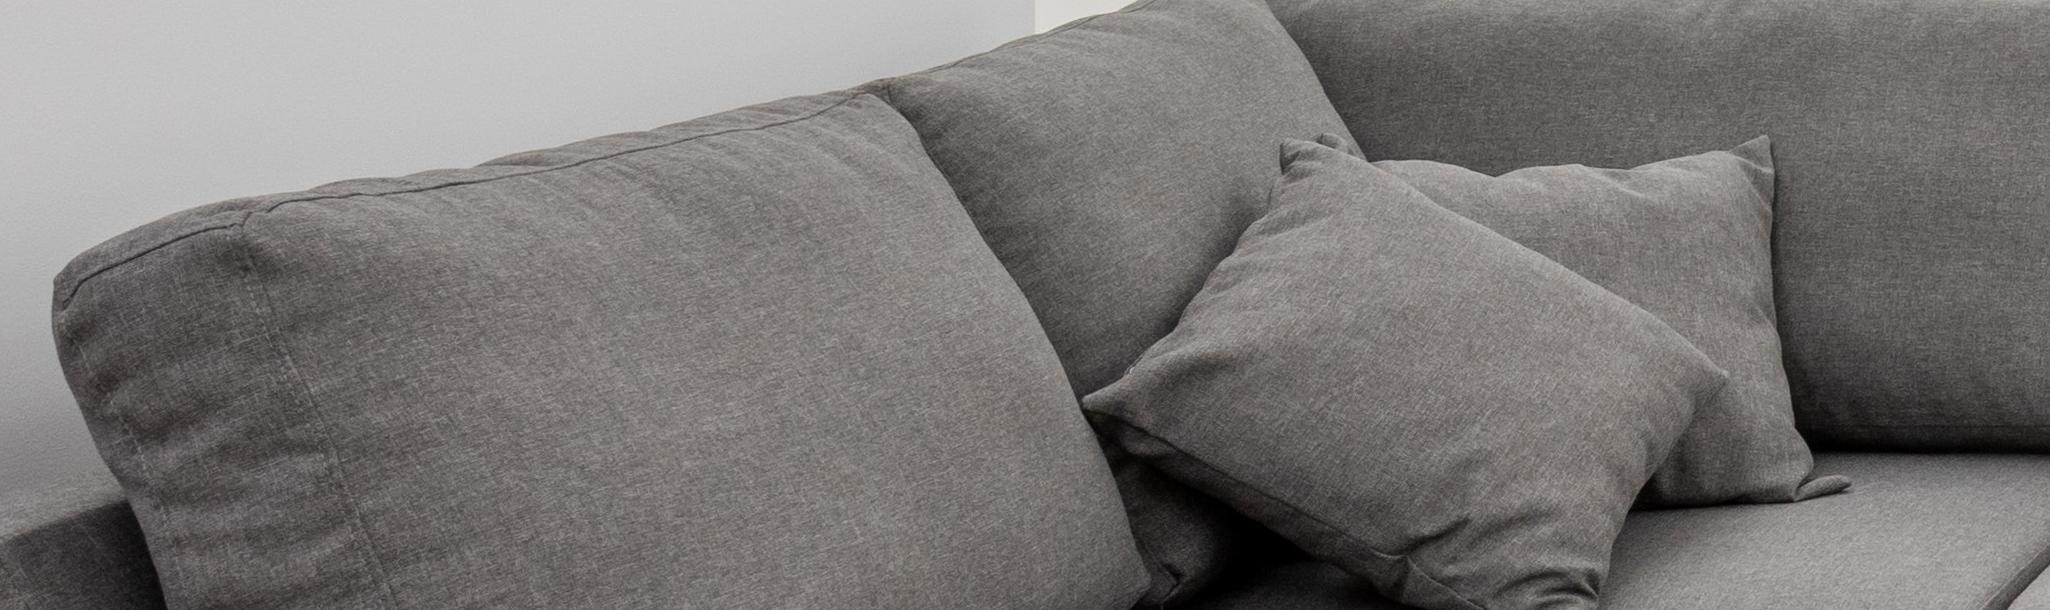 Tekstilės priežiūra